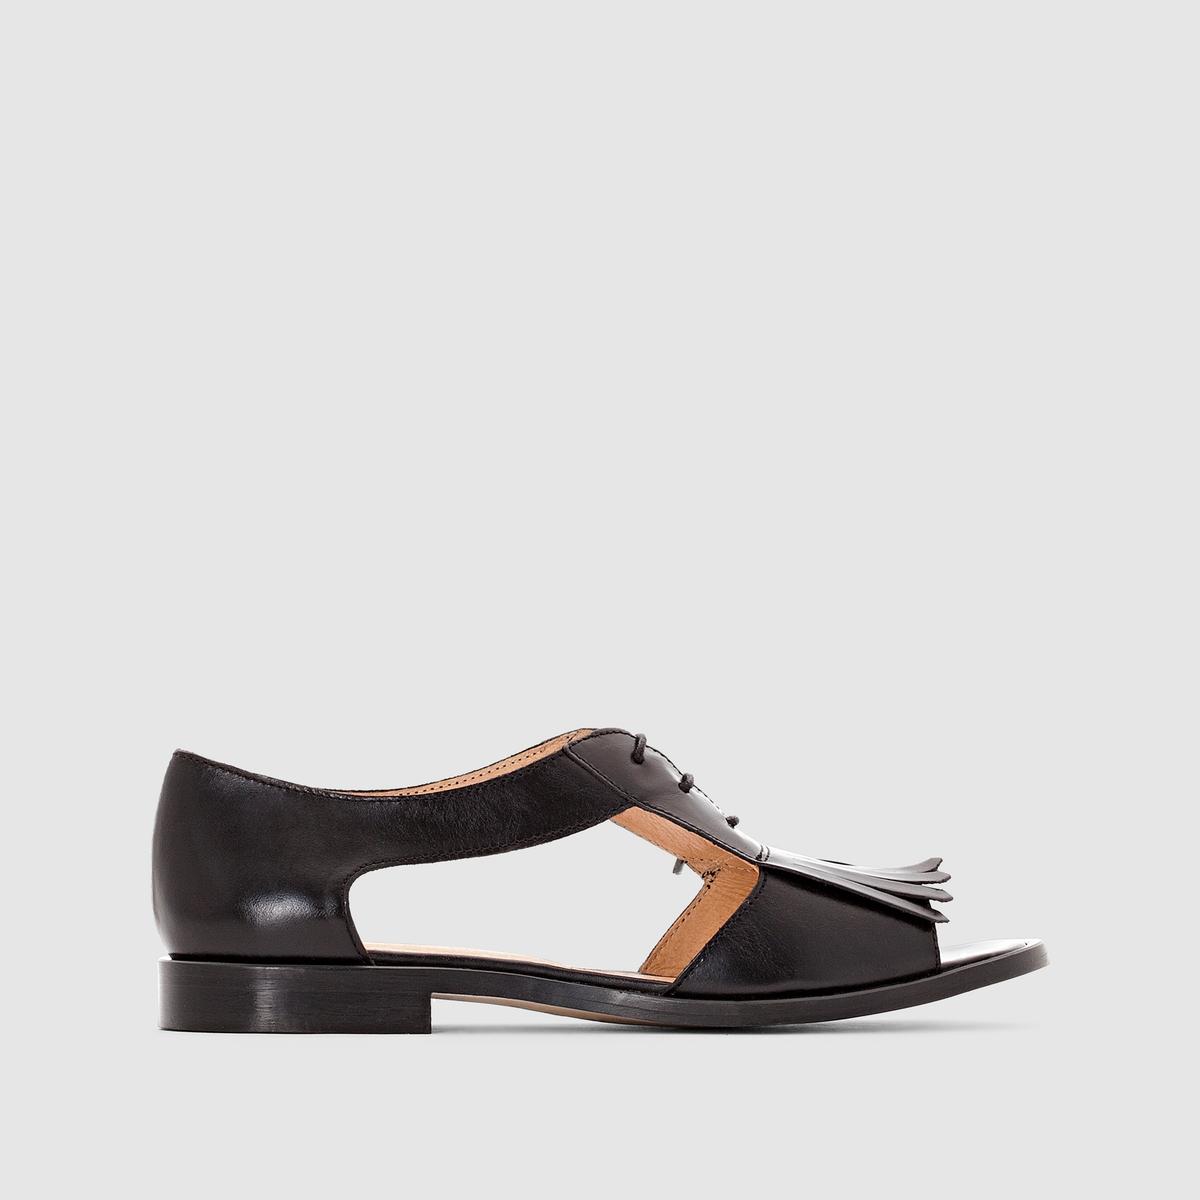 Босоножки из кожи плоские с вырезами JONAKПреимущества:  босоножки из кожи от JONAK в оригинальном стиле, который меняет стандарты для плоских сандалий на шнуровке с тем, чтобы сделать их самыми желанными в этом сезоне .<br><br>Цвет: черный<br>Размер: 38.39